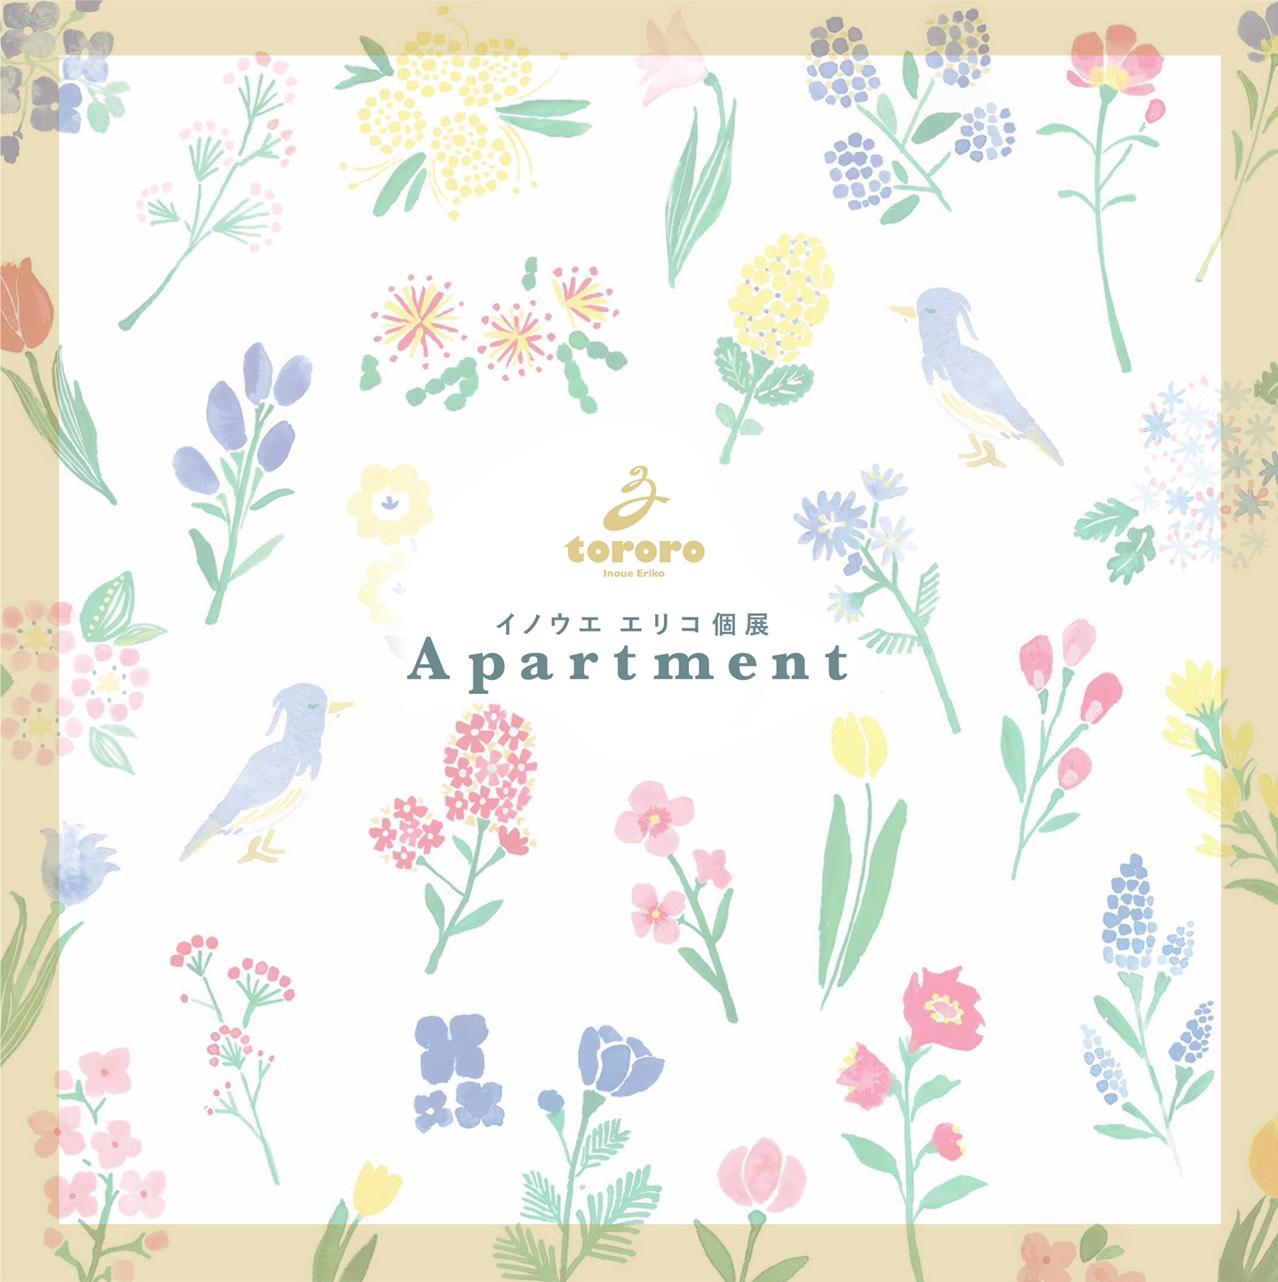 イノウエエリコ個展「Apartment」開催中のお知らせ(2021/5/5~6/6)